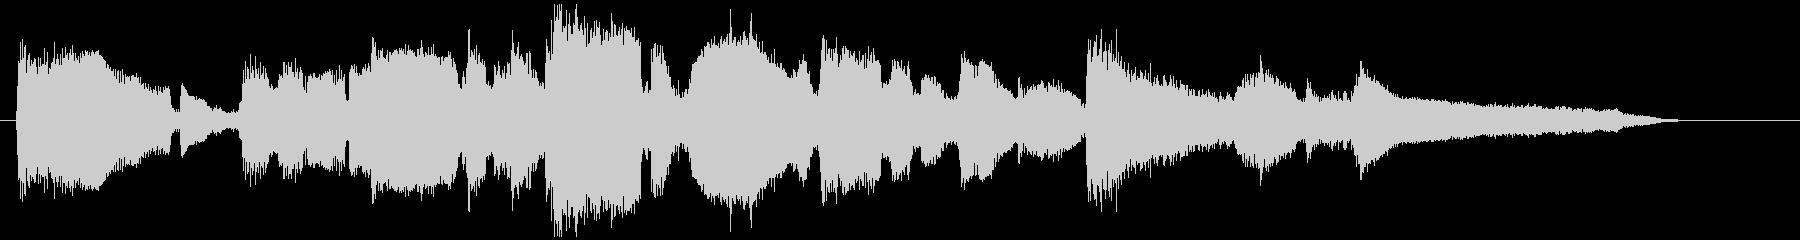 ソフトなサックスの15秒CM用バラード曲の未再生の波形